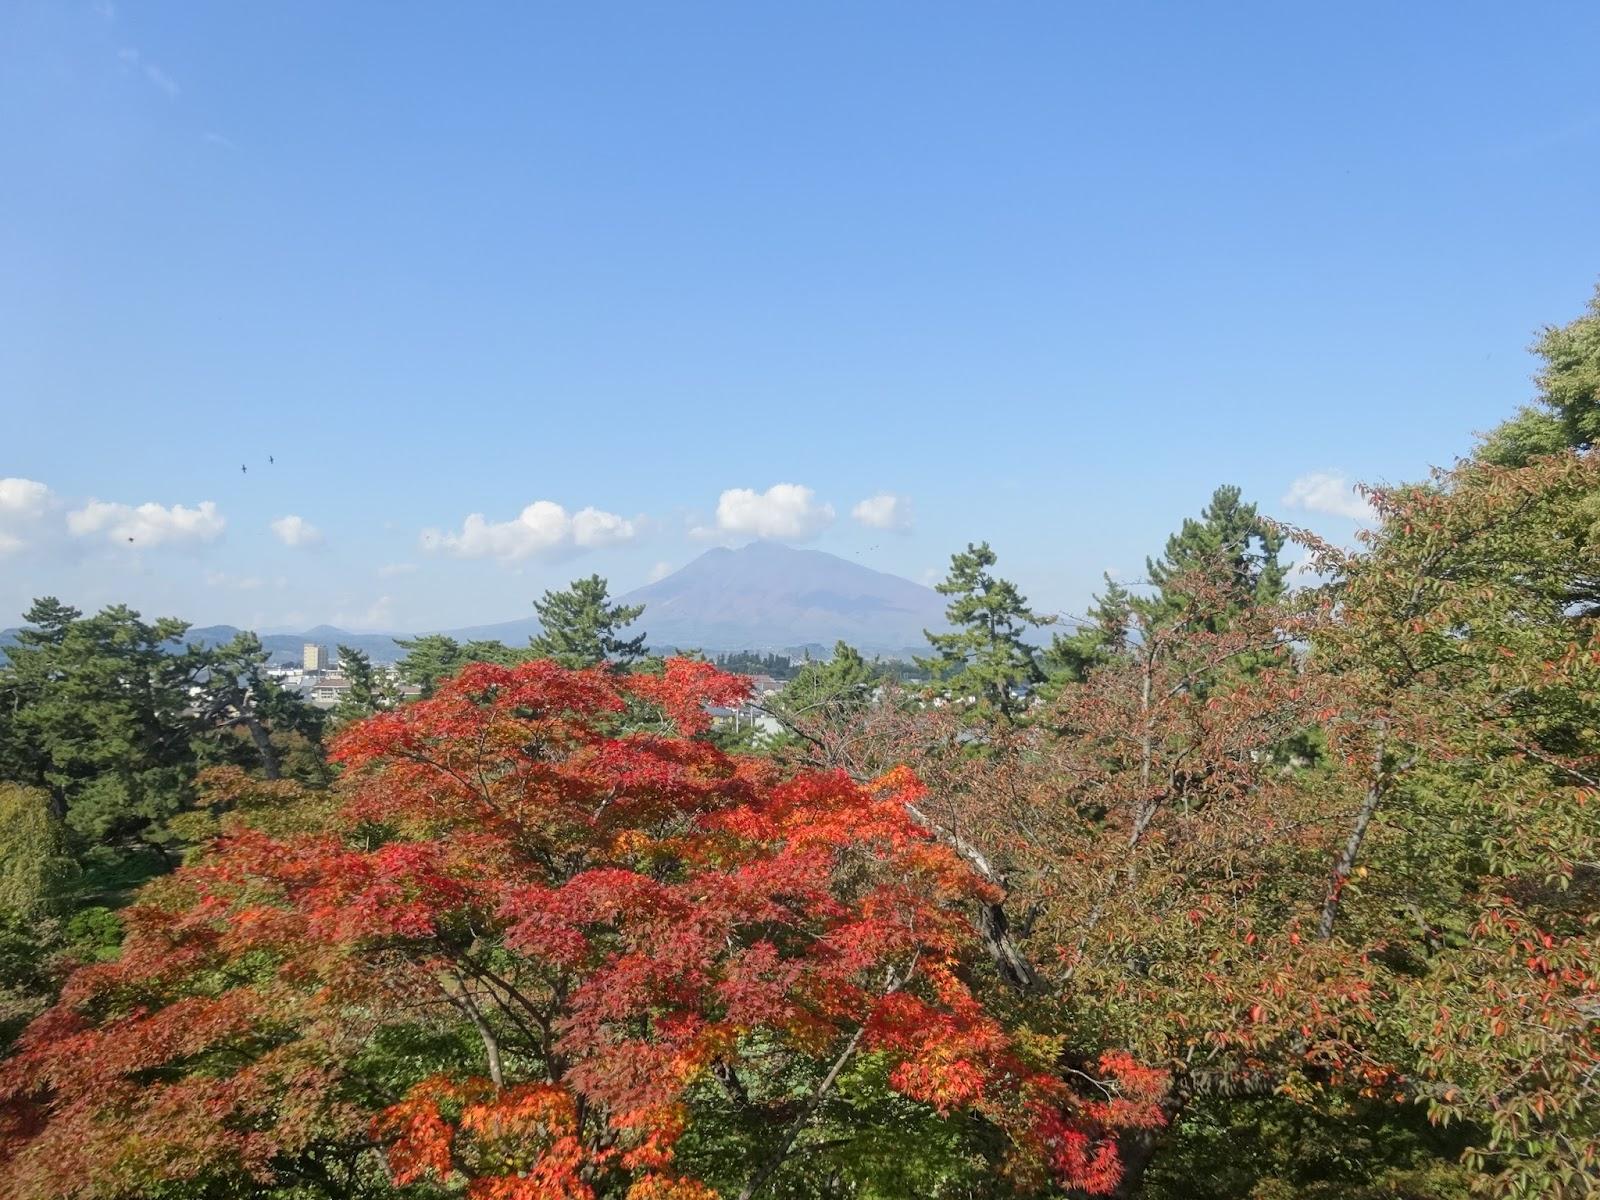 岩木山,弘前公園,紅葉,青森〈著作権フリー画像〉Free Stock Photos